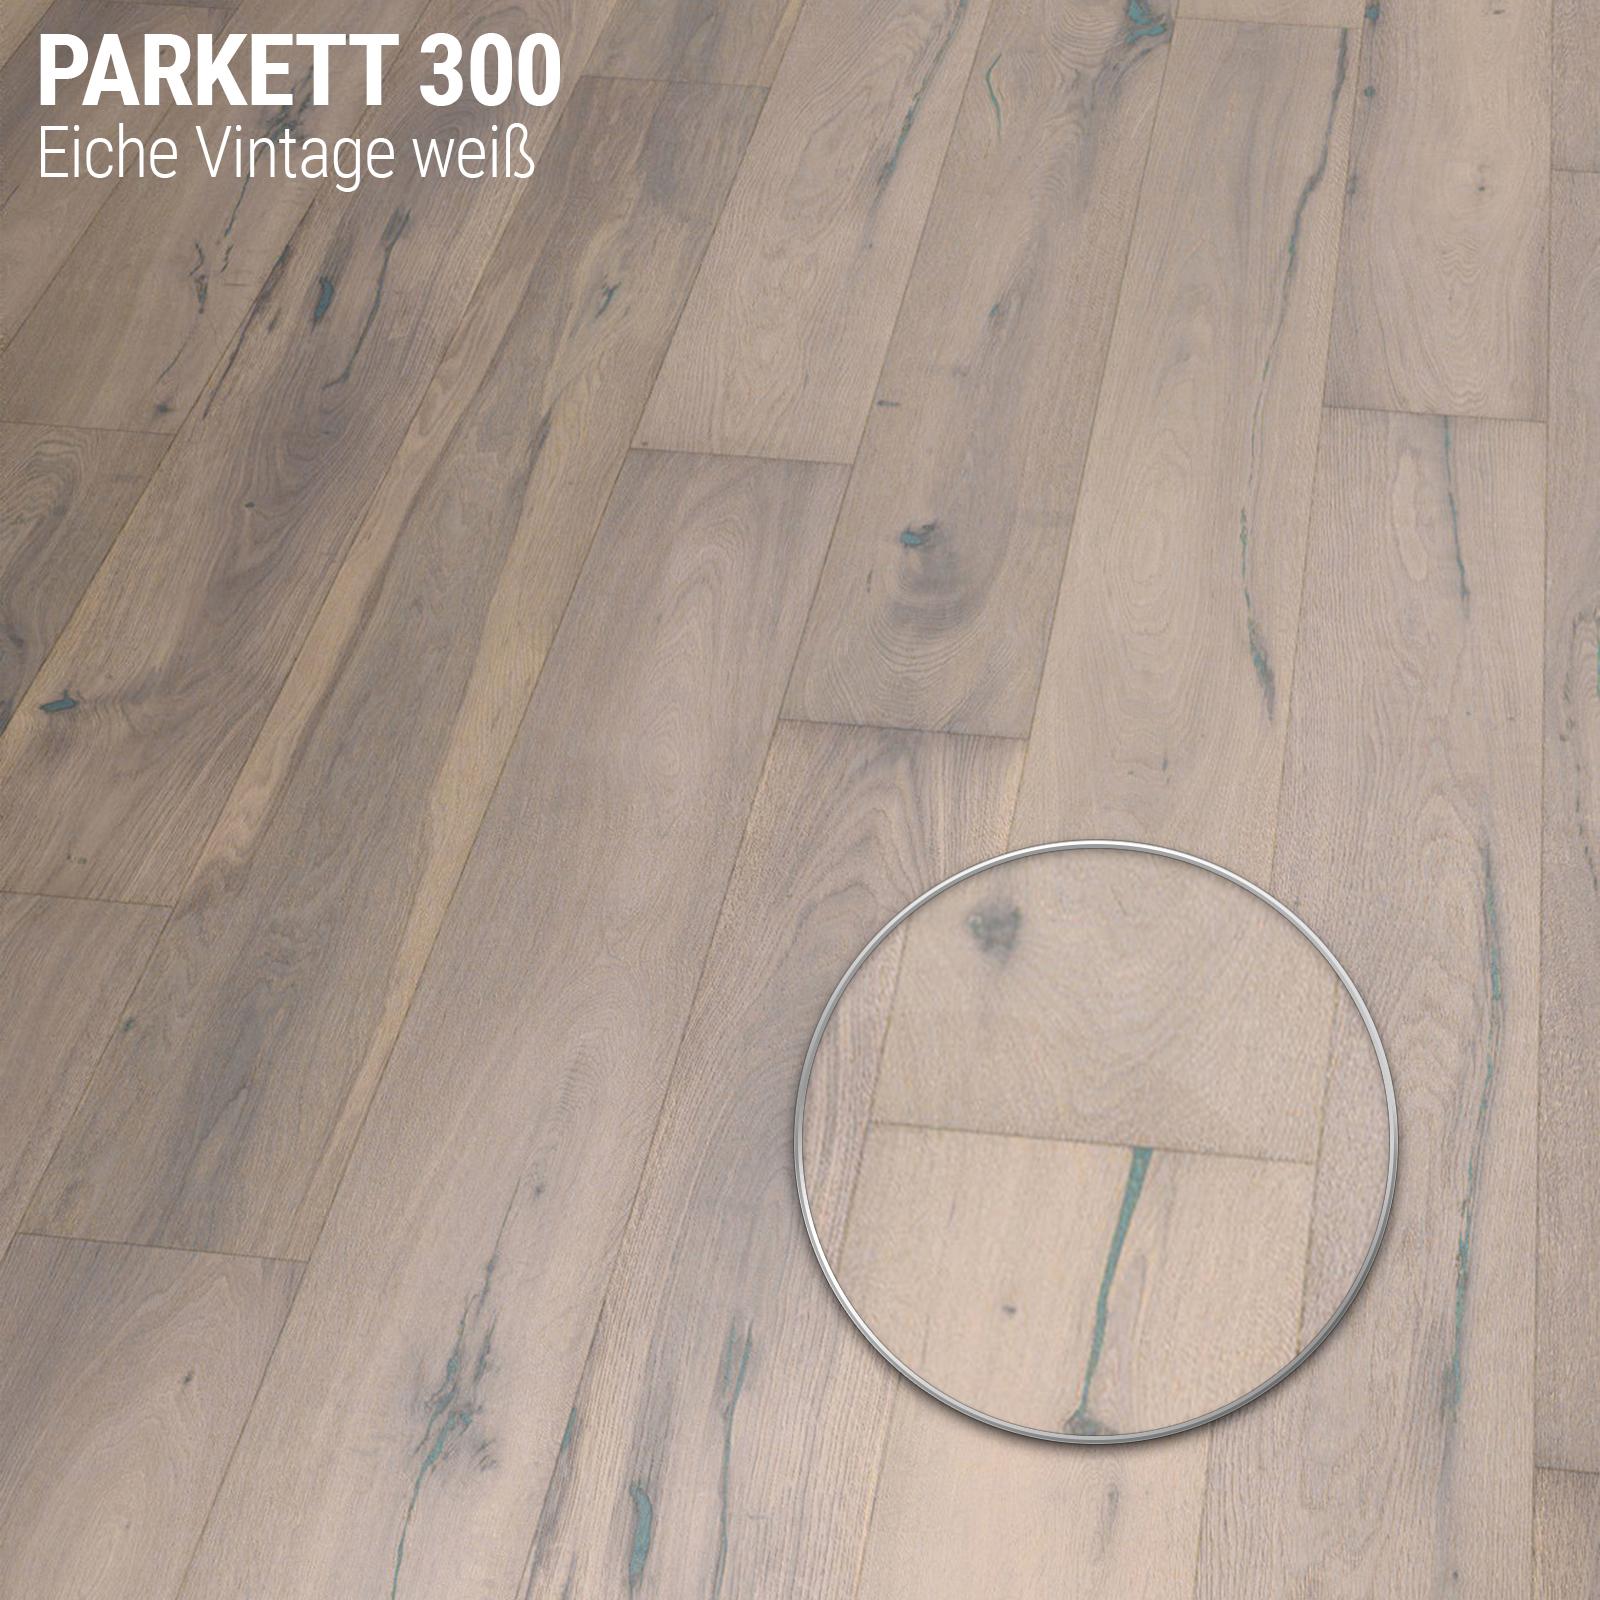 Indexbild 7 - Parkettboden Dielen Bodenbelag  Eiche Landhausdiele 1 Stab mit Fase Holz